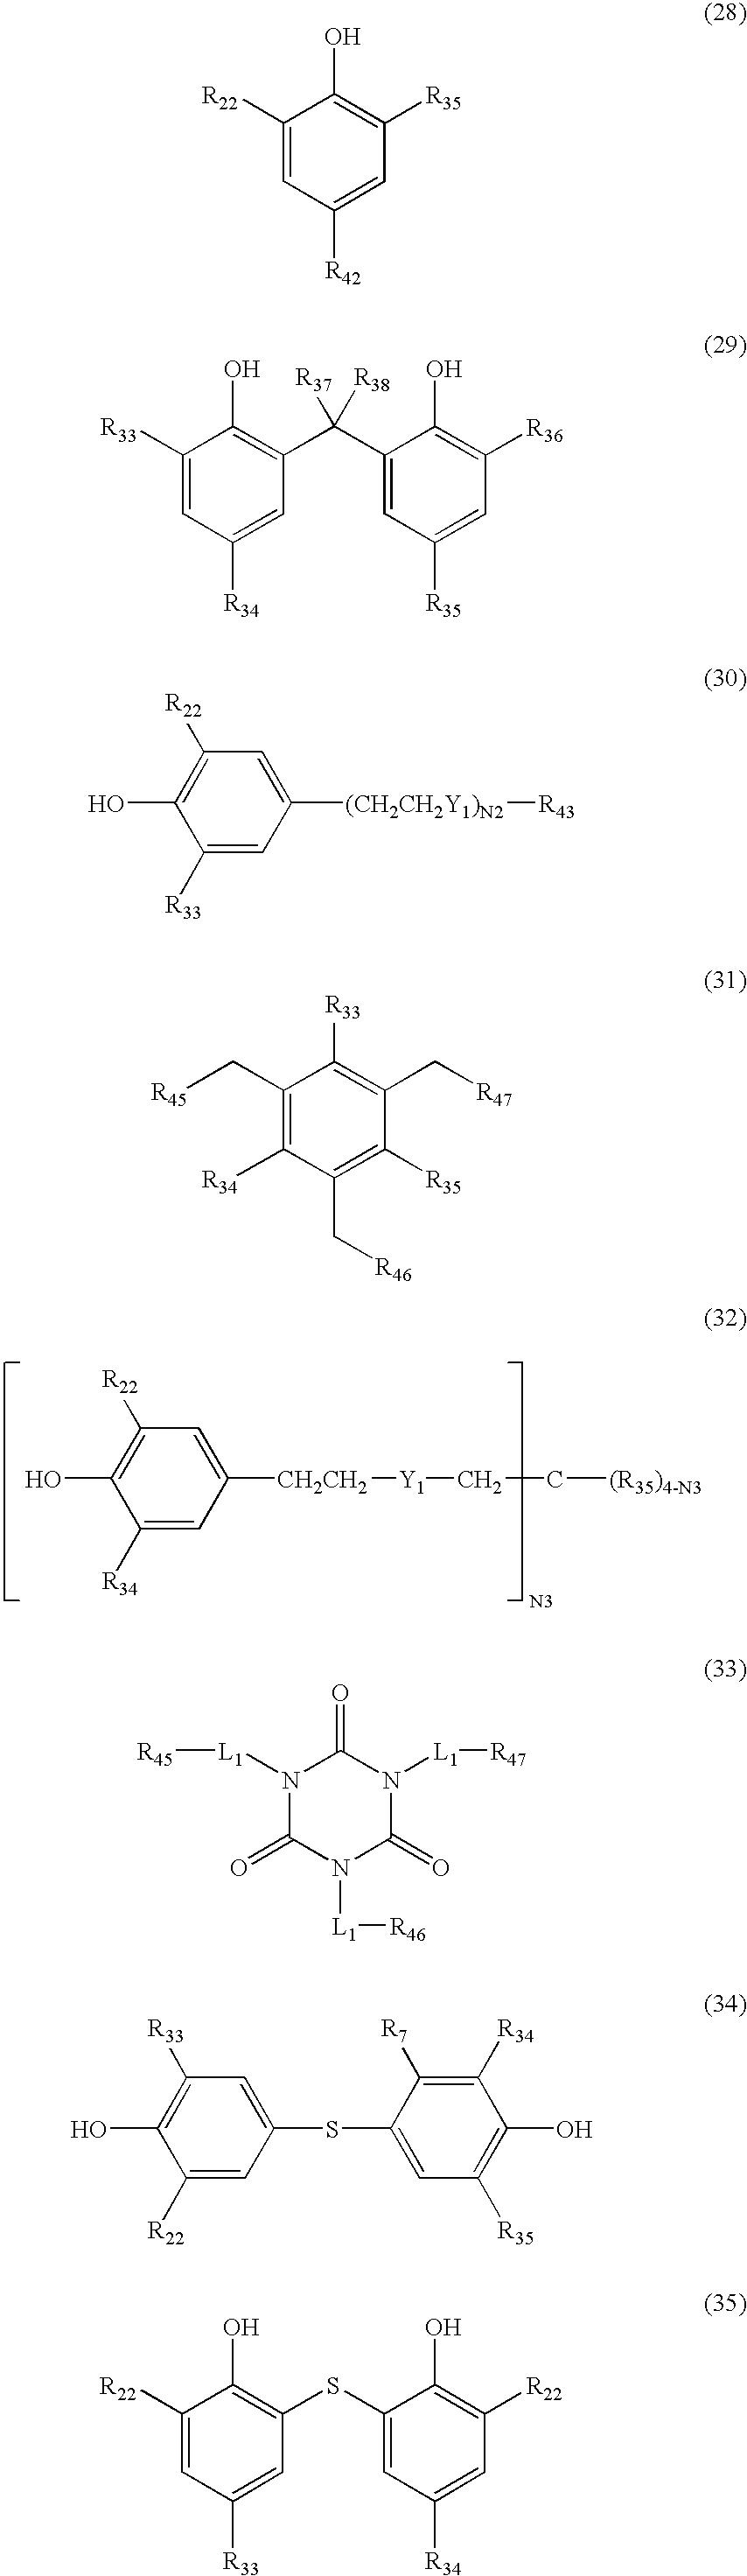 Figure US20050277715A1-20051215-C00048